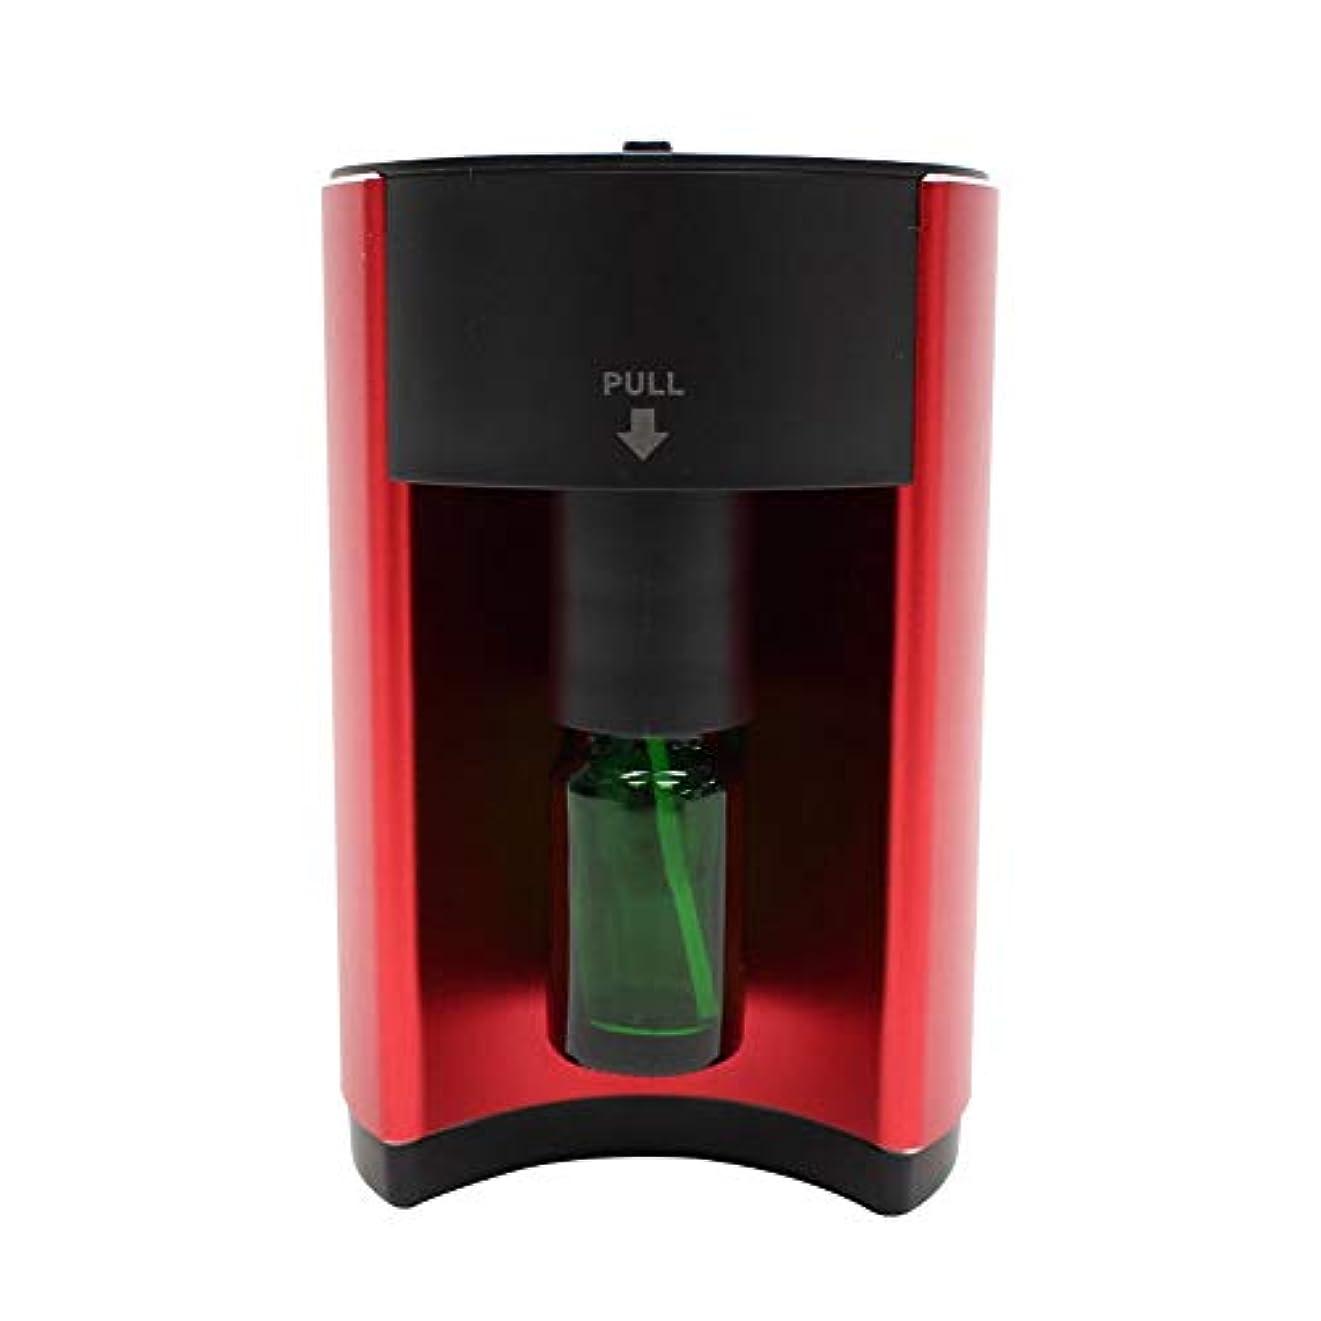 震えびっくりした探偵アロマディフューザー 香り 癒し 噴霧式 自動停止 水を使わない 16段階モード設定 ECOモード搭載 ネブライザー式 コンパクト AC電源式 レッド